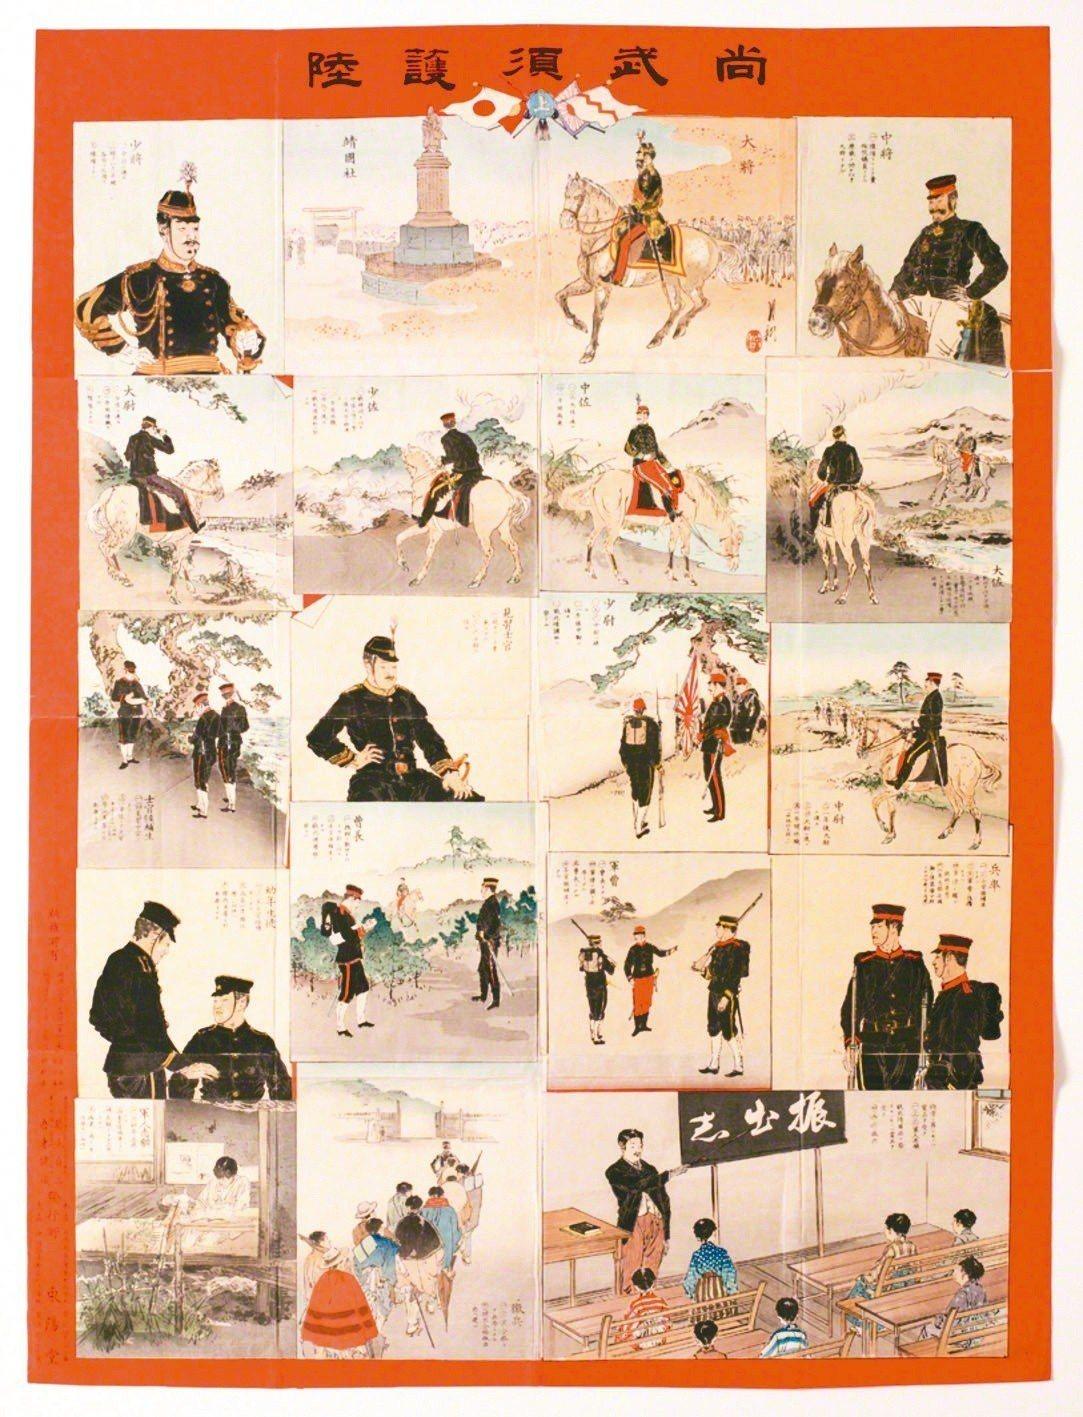 圖5:「尚武須護陸」以遊戲鼓勵男孩子參軍,尾形月耕畫,1893年。(局部)